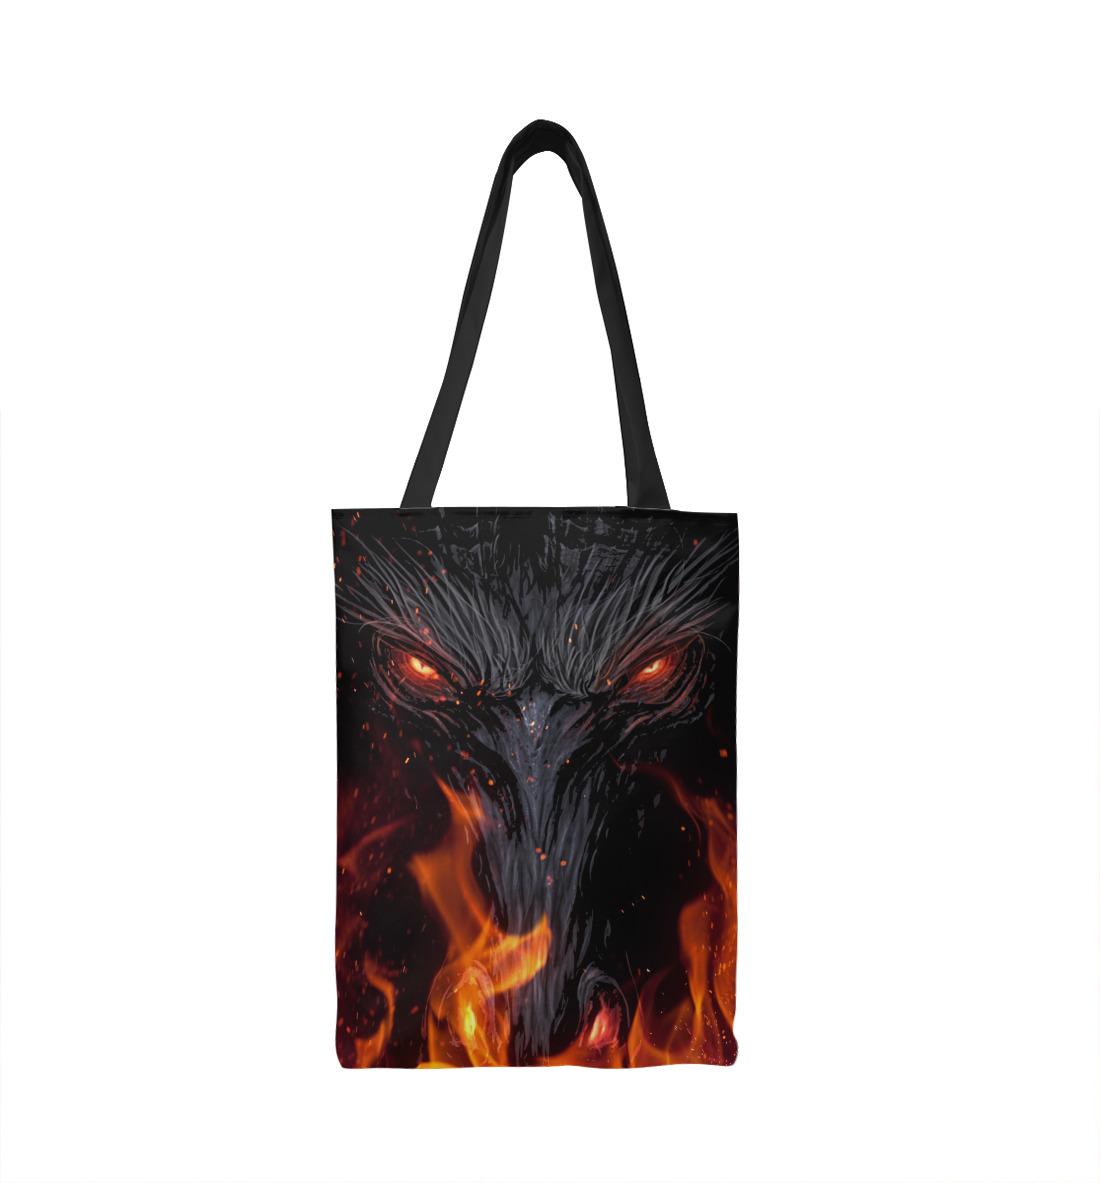 Фото - Огненный дракон огненный